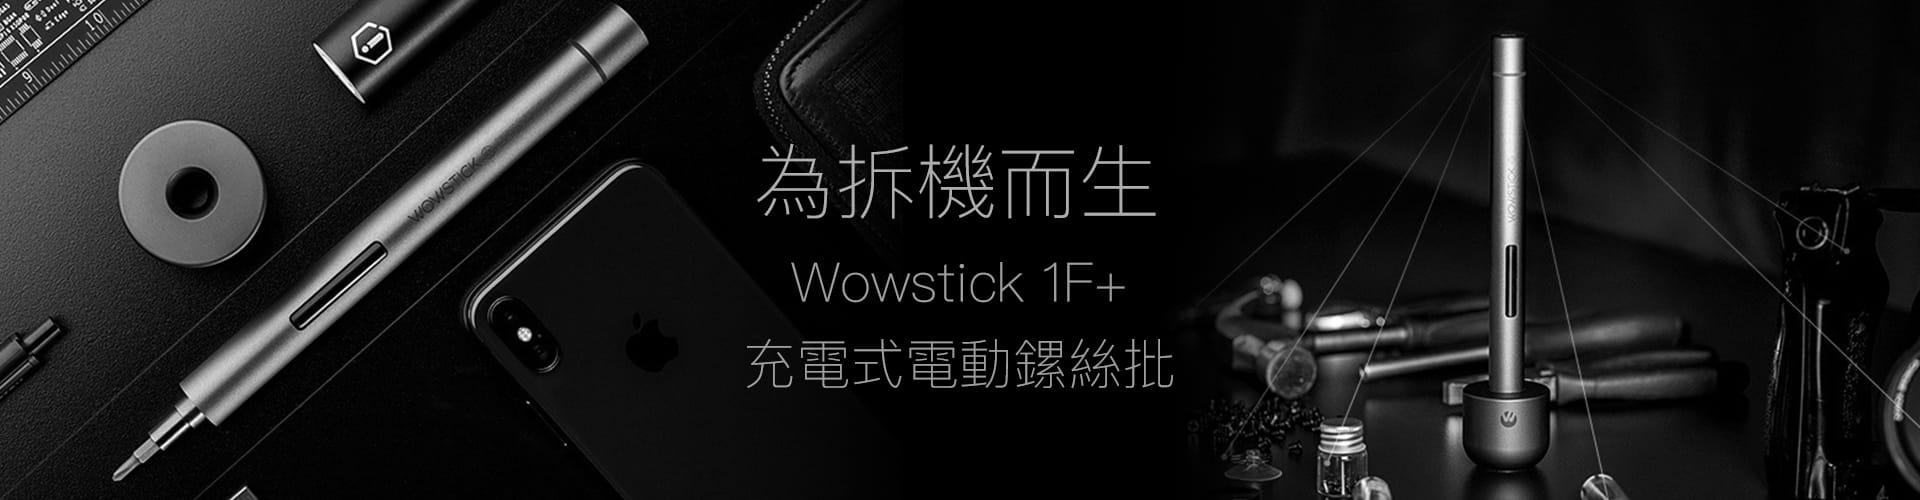 小米 Wowstick 1F+ 充電式 電動鏍絲批